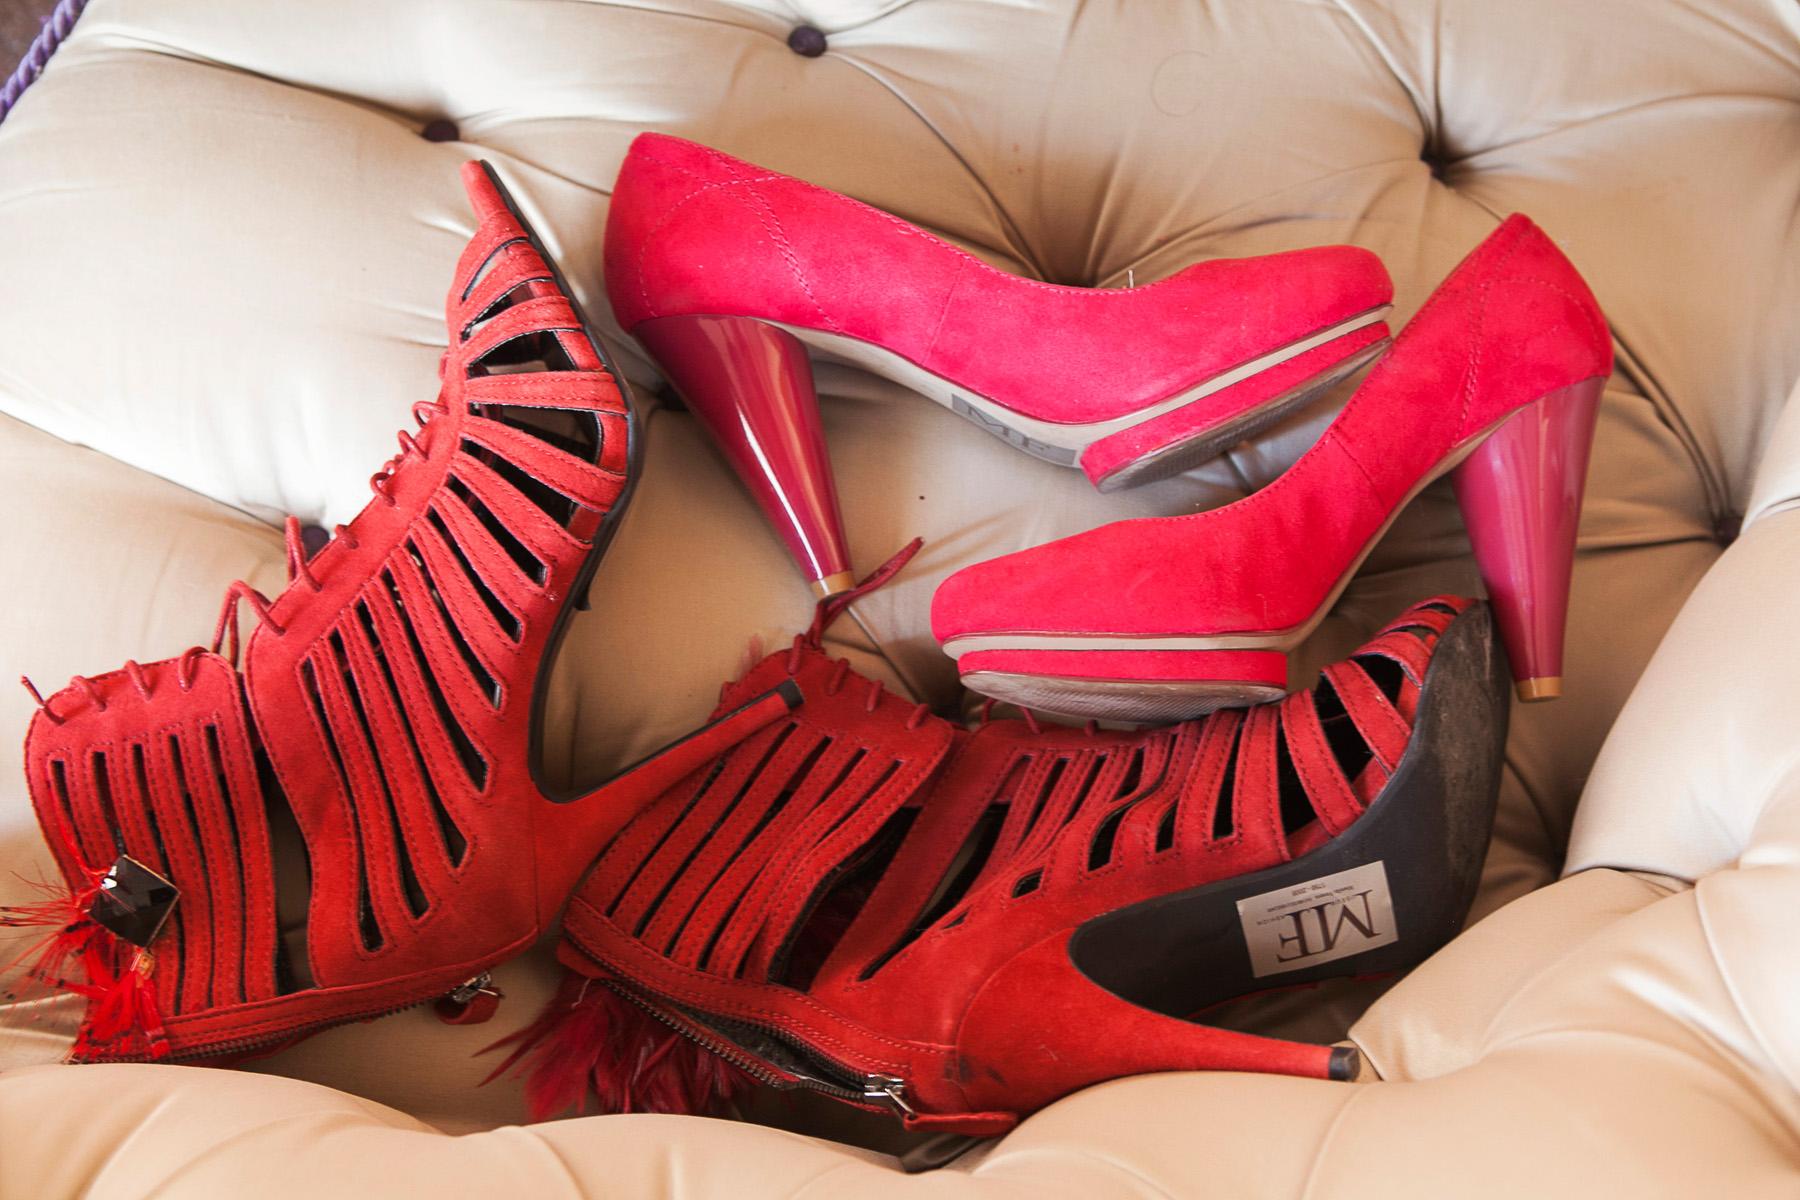 Nella foto le scarpe Marella Ferrera per Carmen Consoli (foto Valerio D'Urso)